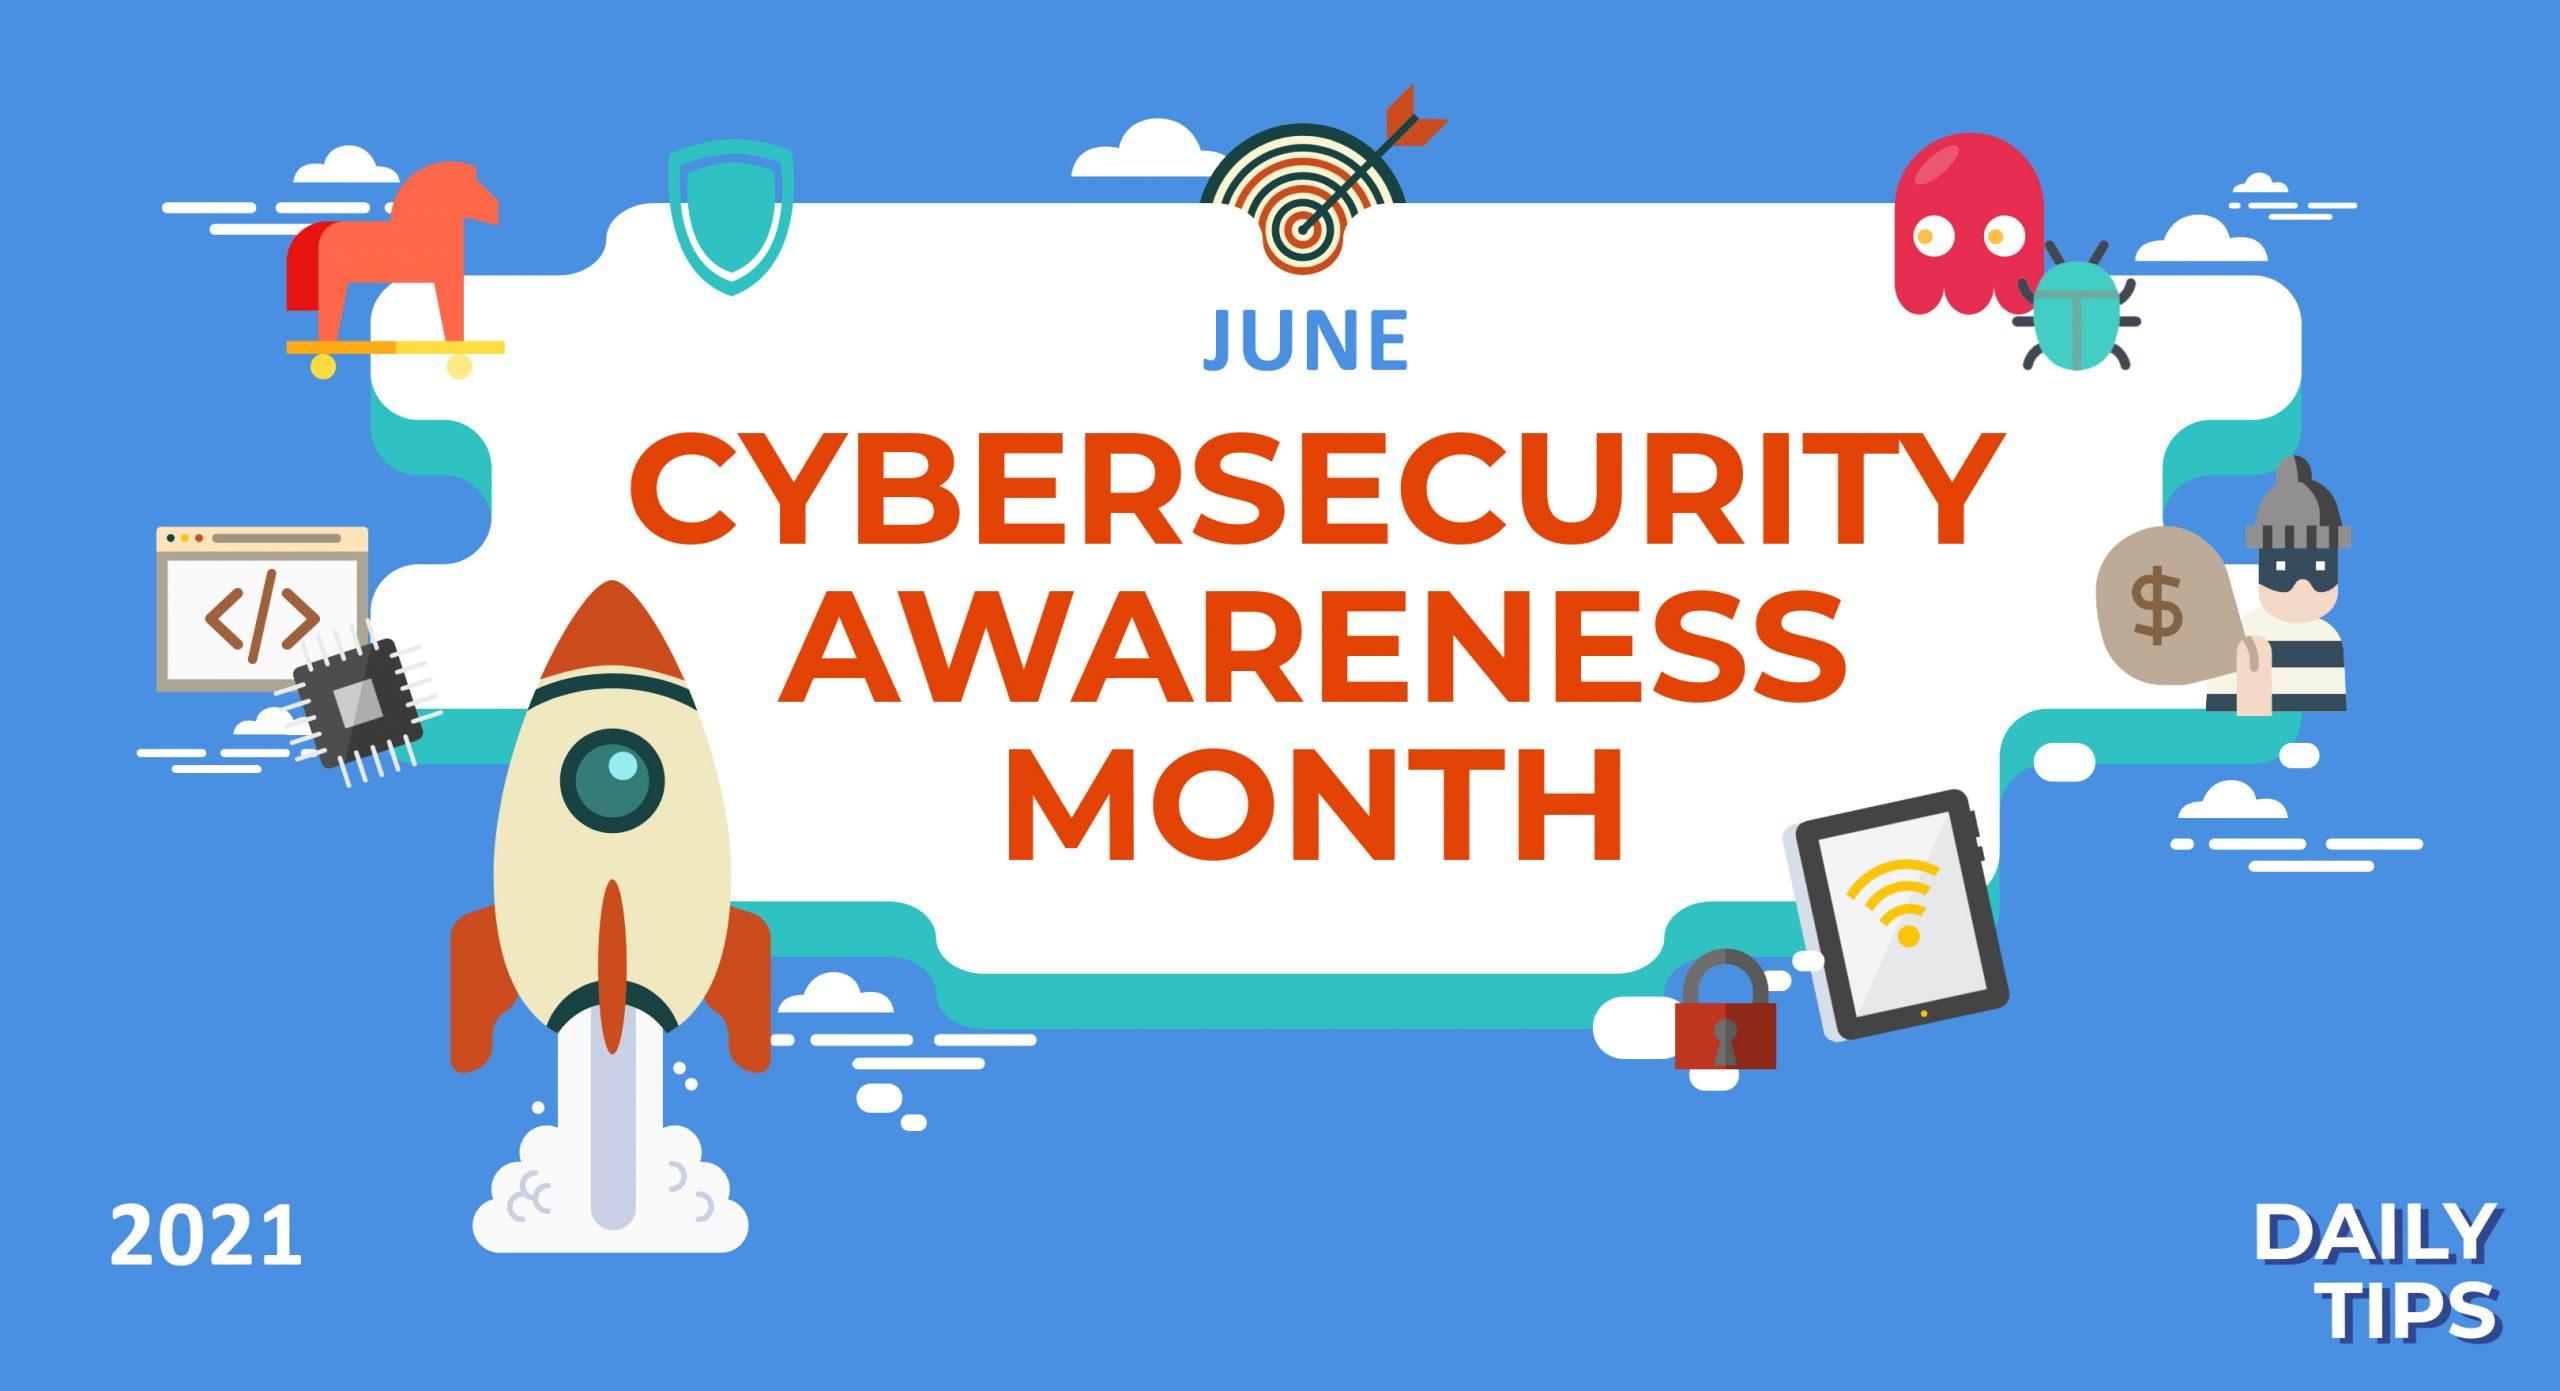 Daily Security Awareness Tips 2021 – June